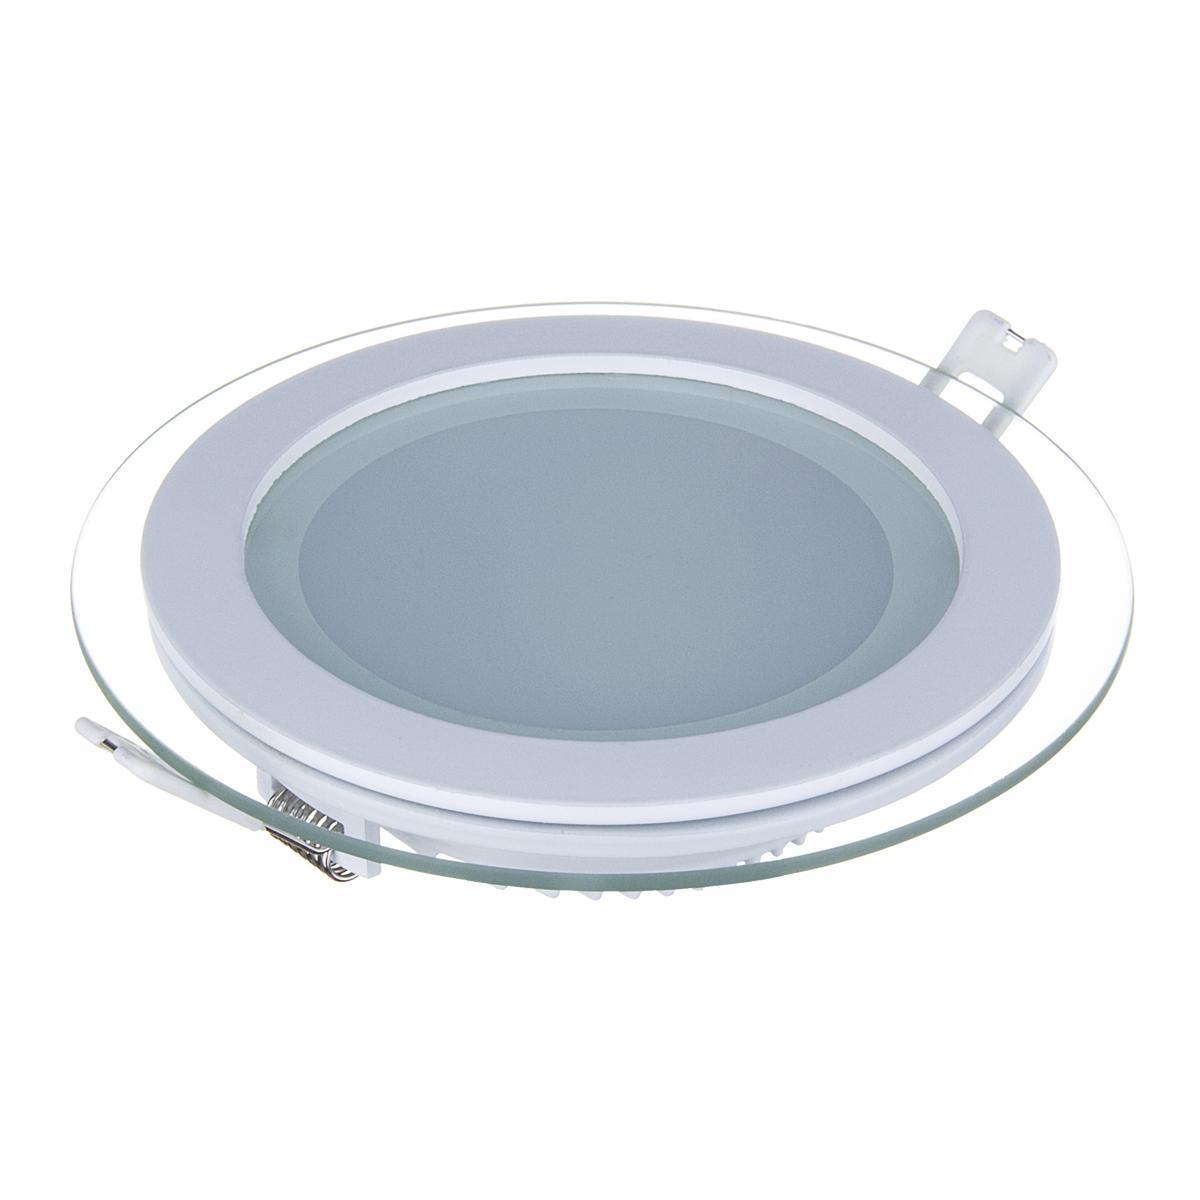 Дополнительное фото 1 товара Встраиваемый светильник Elektrostandard Downlight a031834